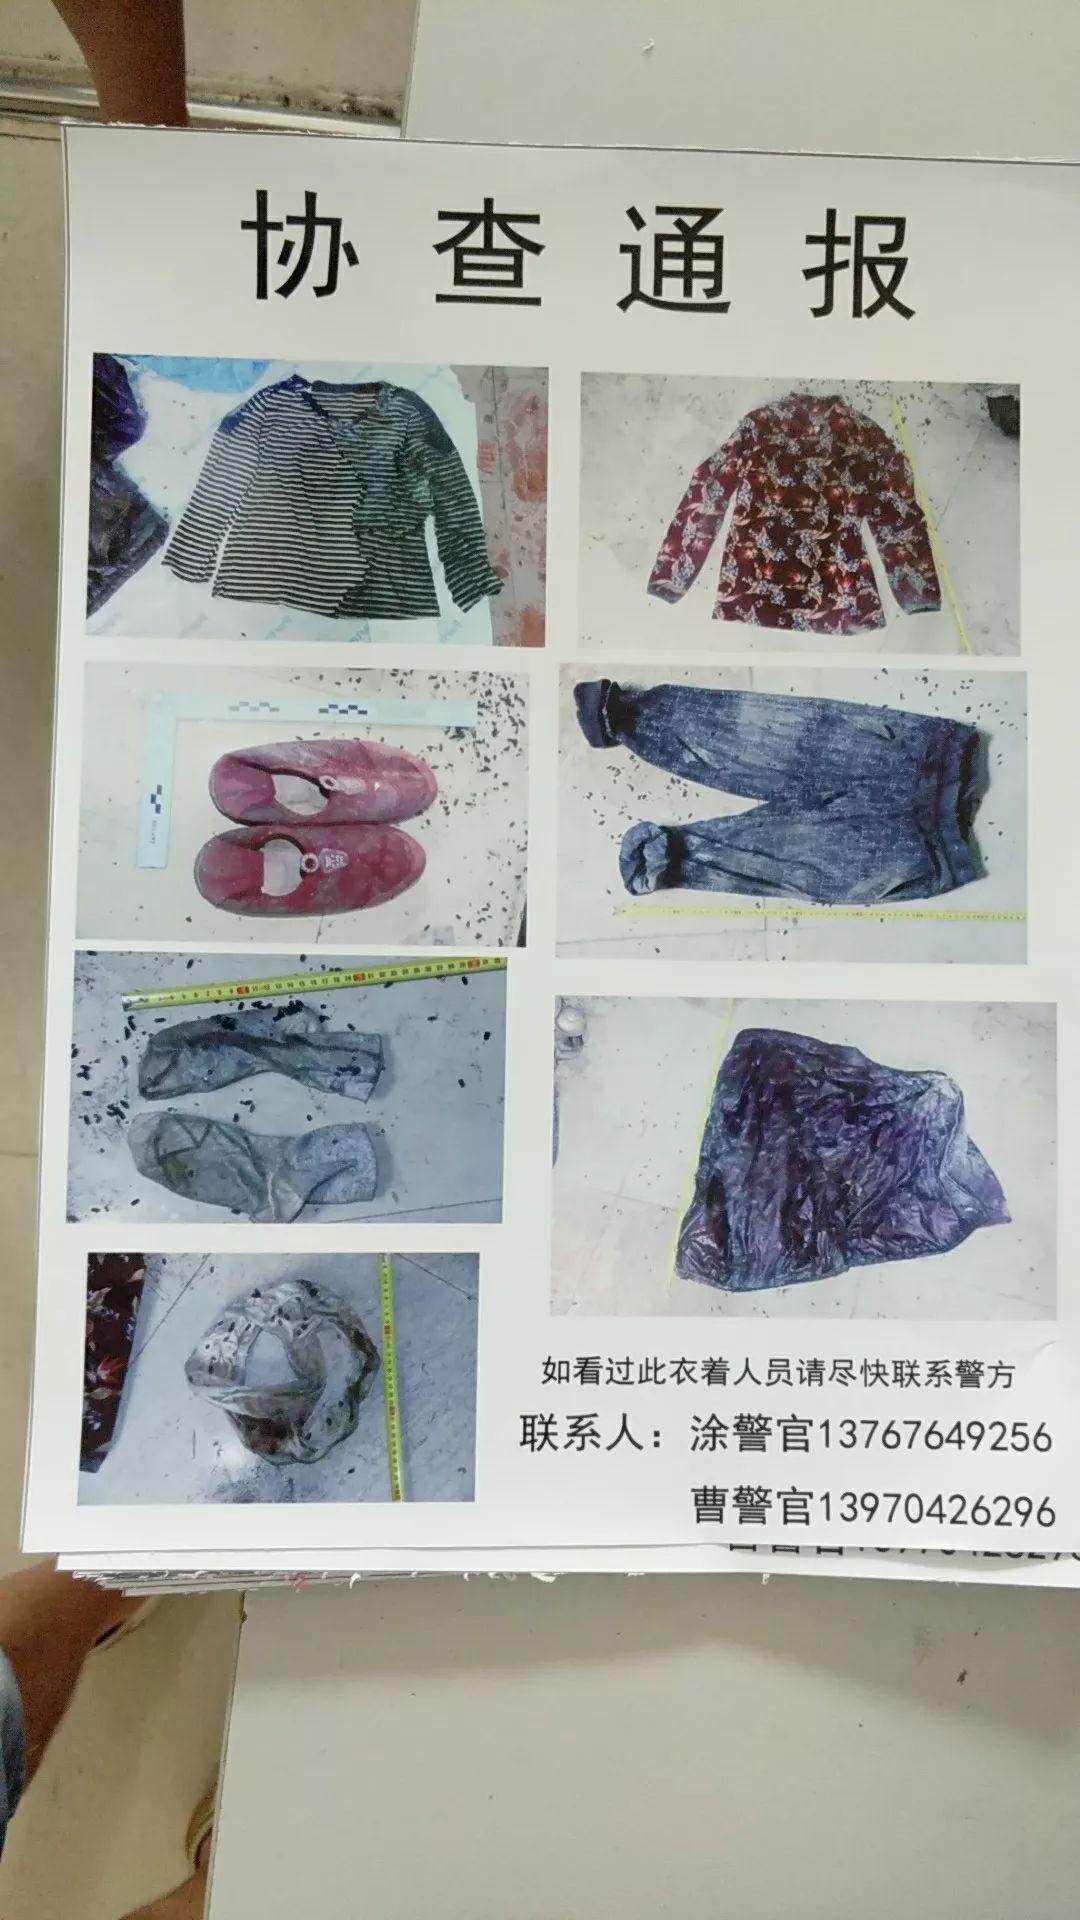 抚州一村庄发现无名女尸 警方有奖征集线索